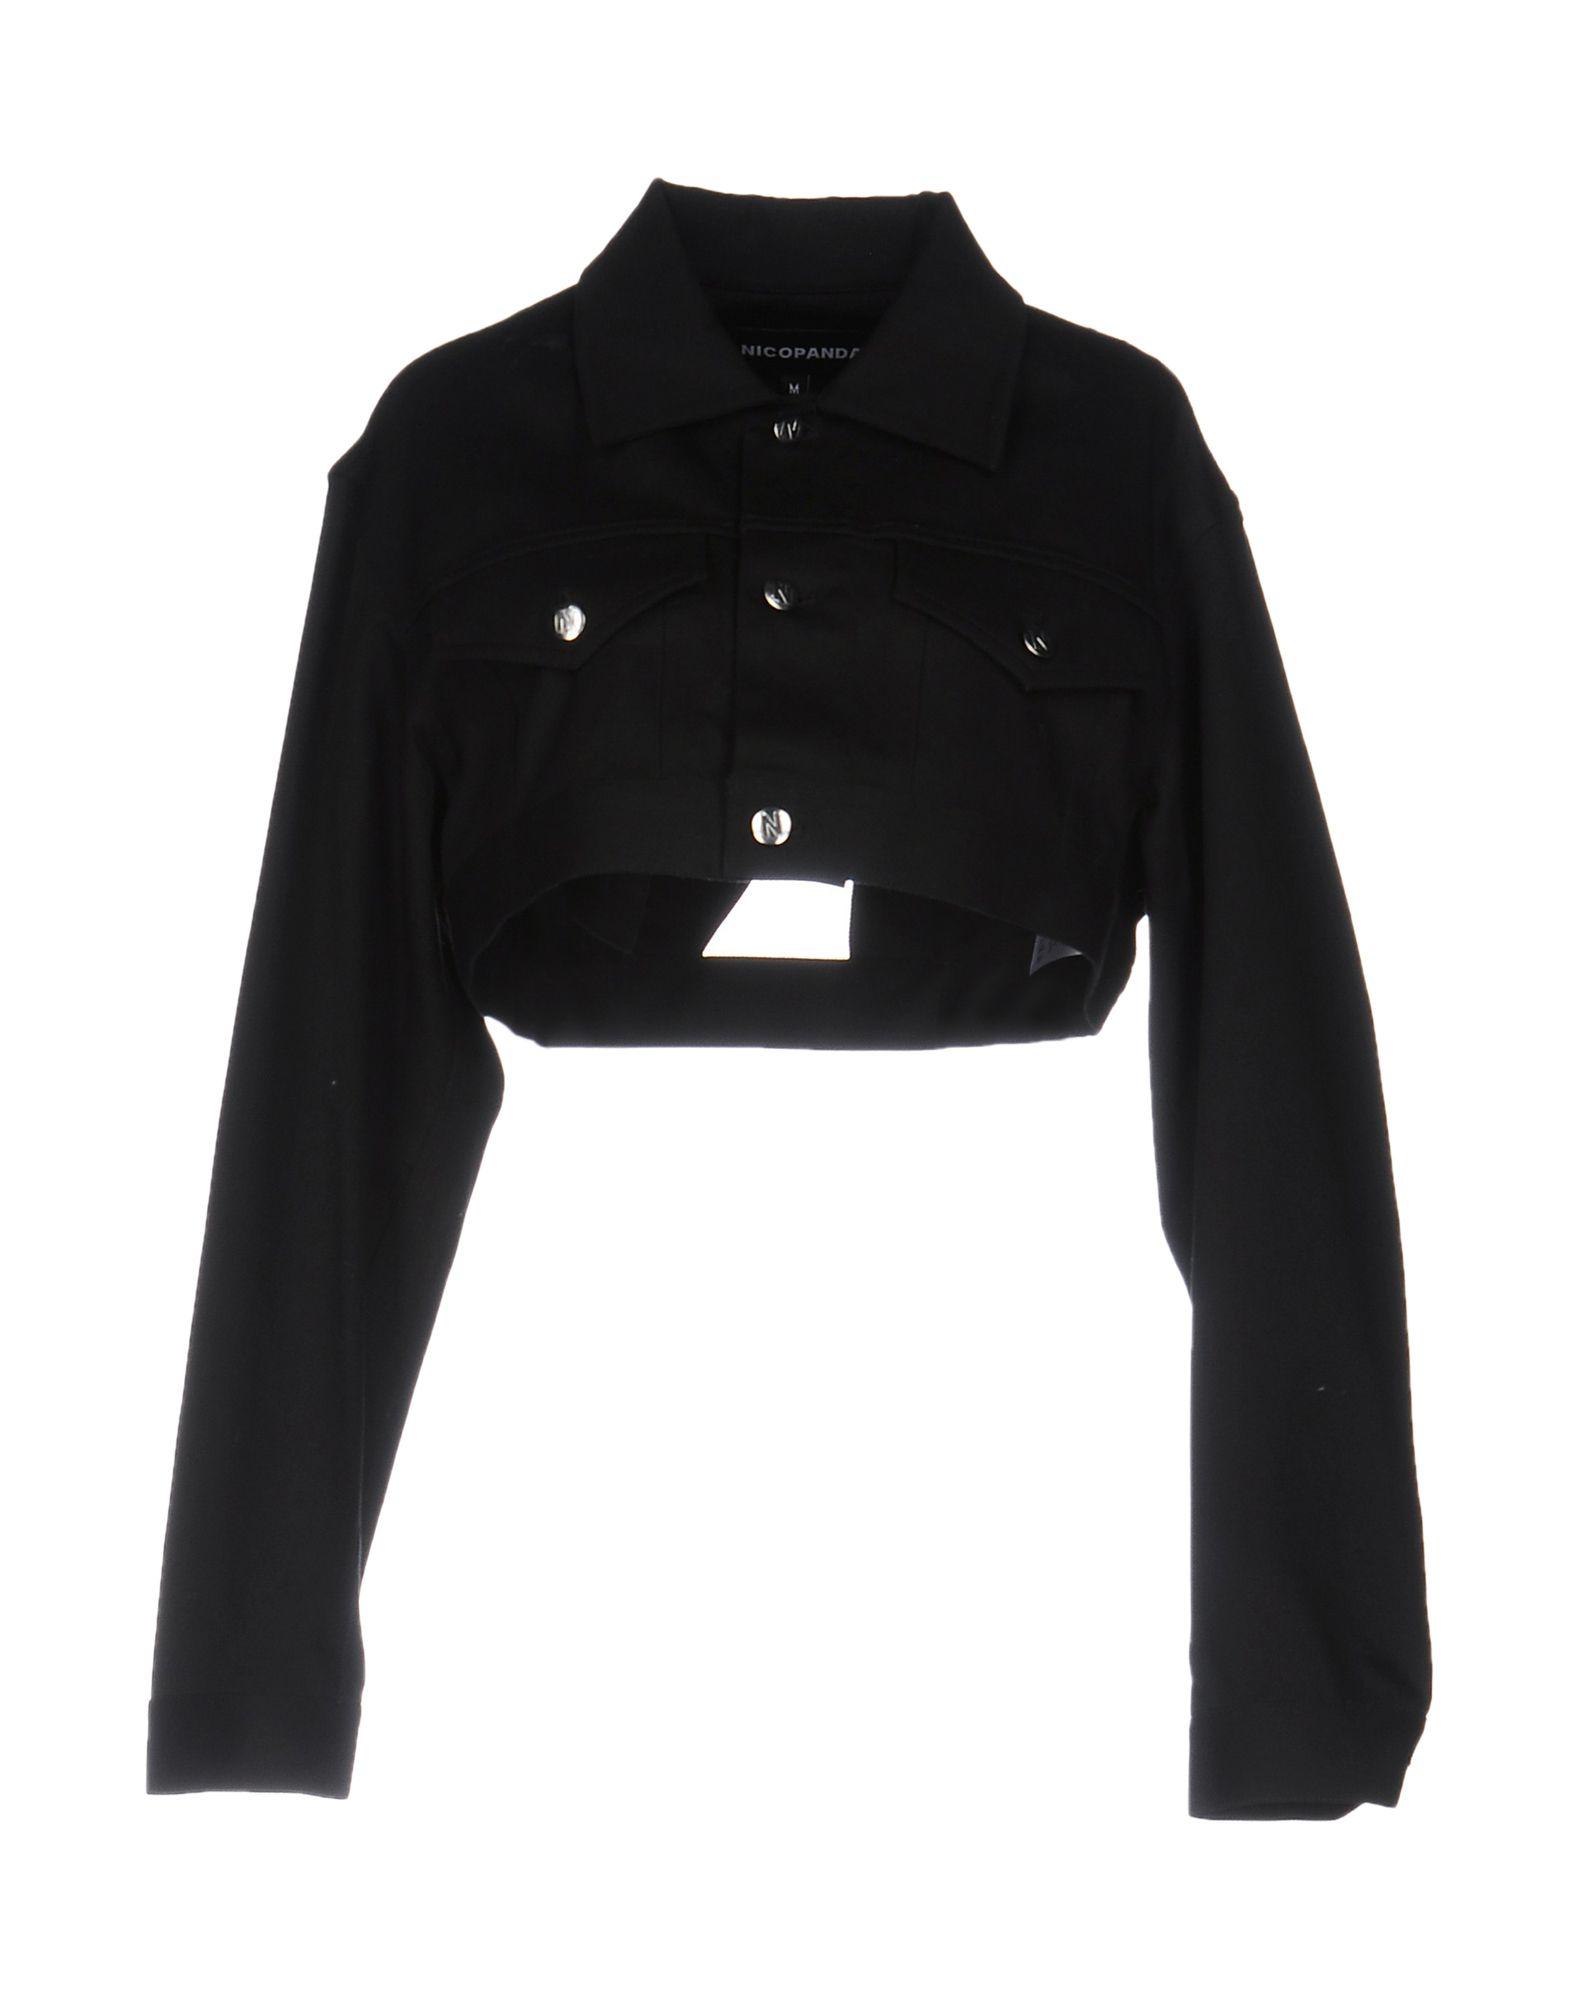 hōsio джинсовая верхняя одежда NICOPANDA Джинсовая верхняя одежда